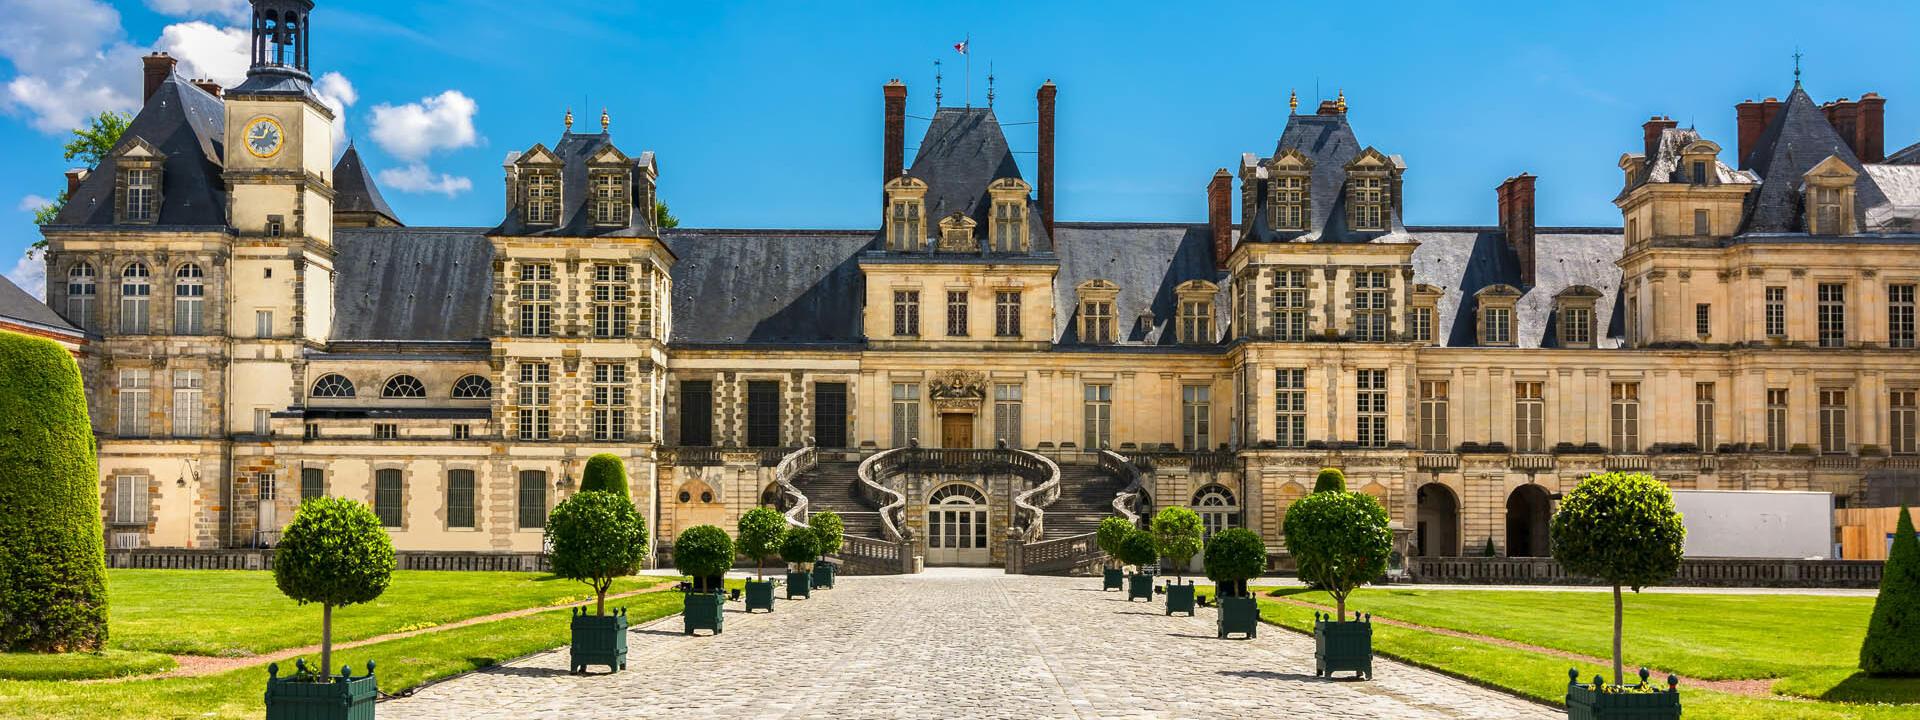 Castles around Île-de-France you must visit